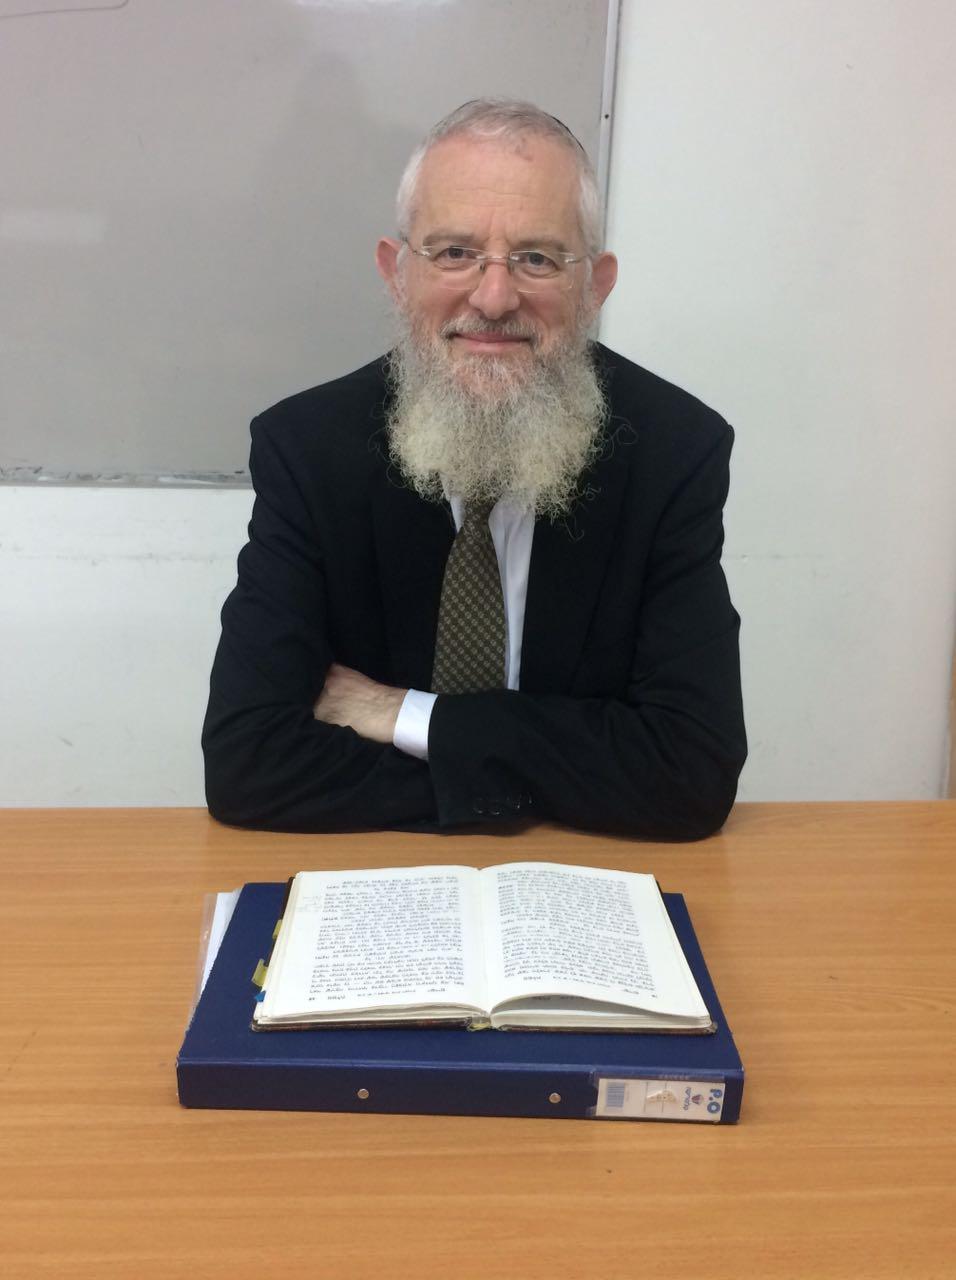 Rabbi Jonathan Taub